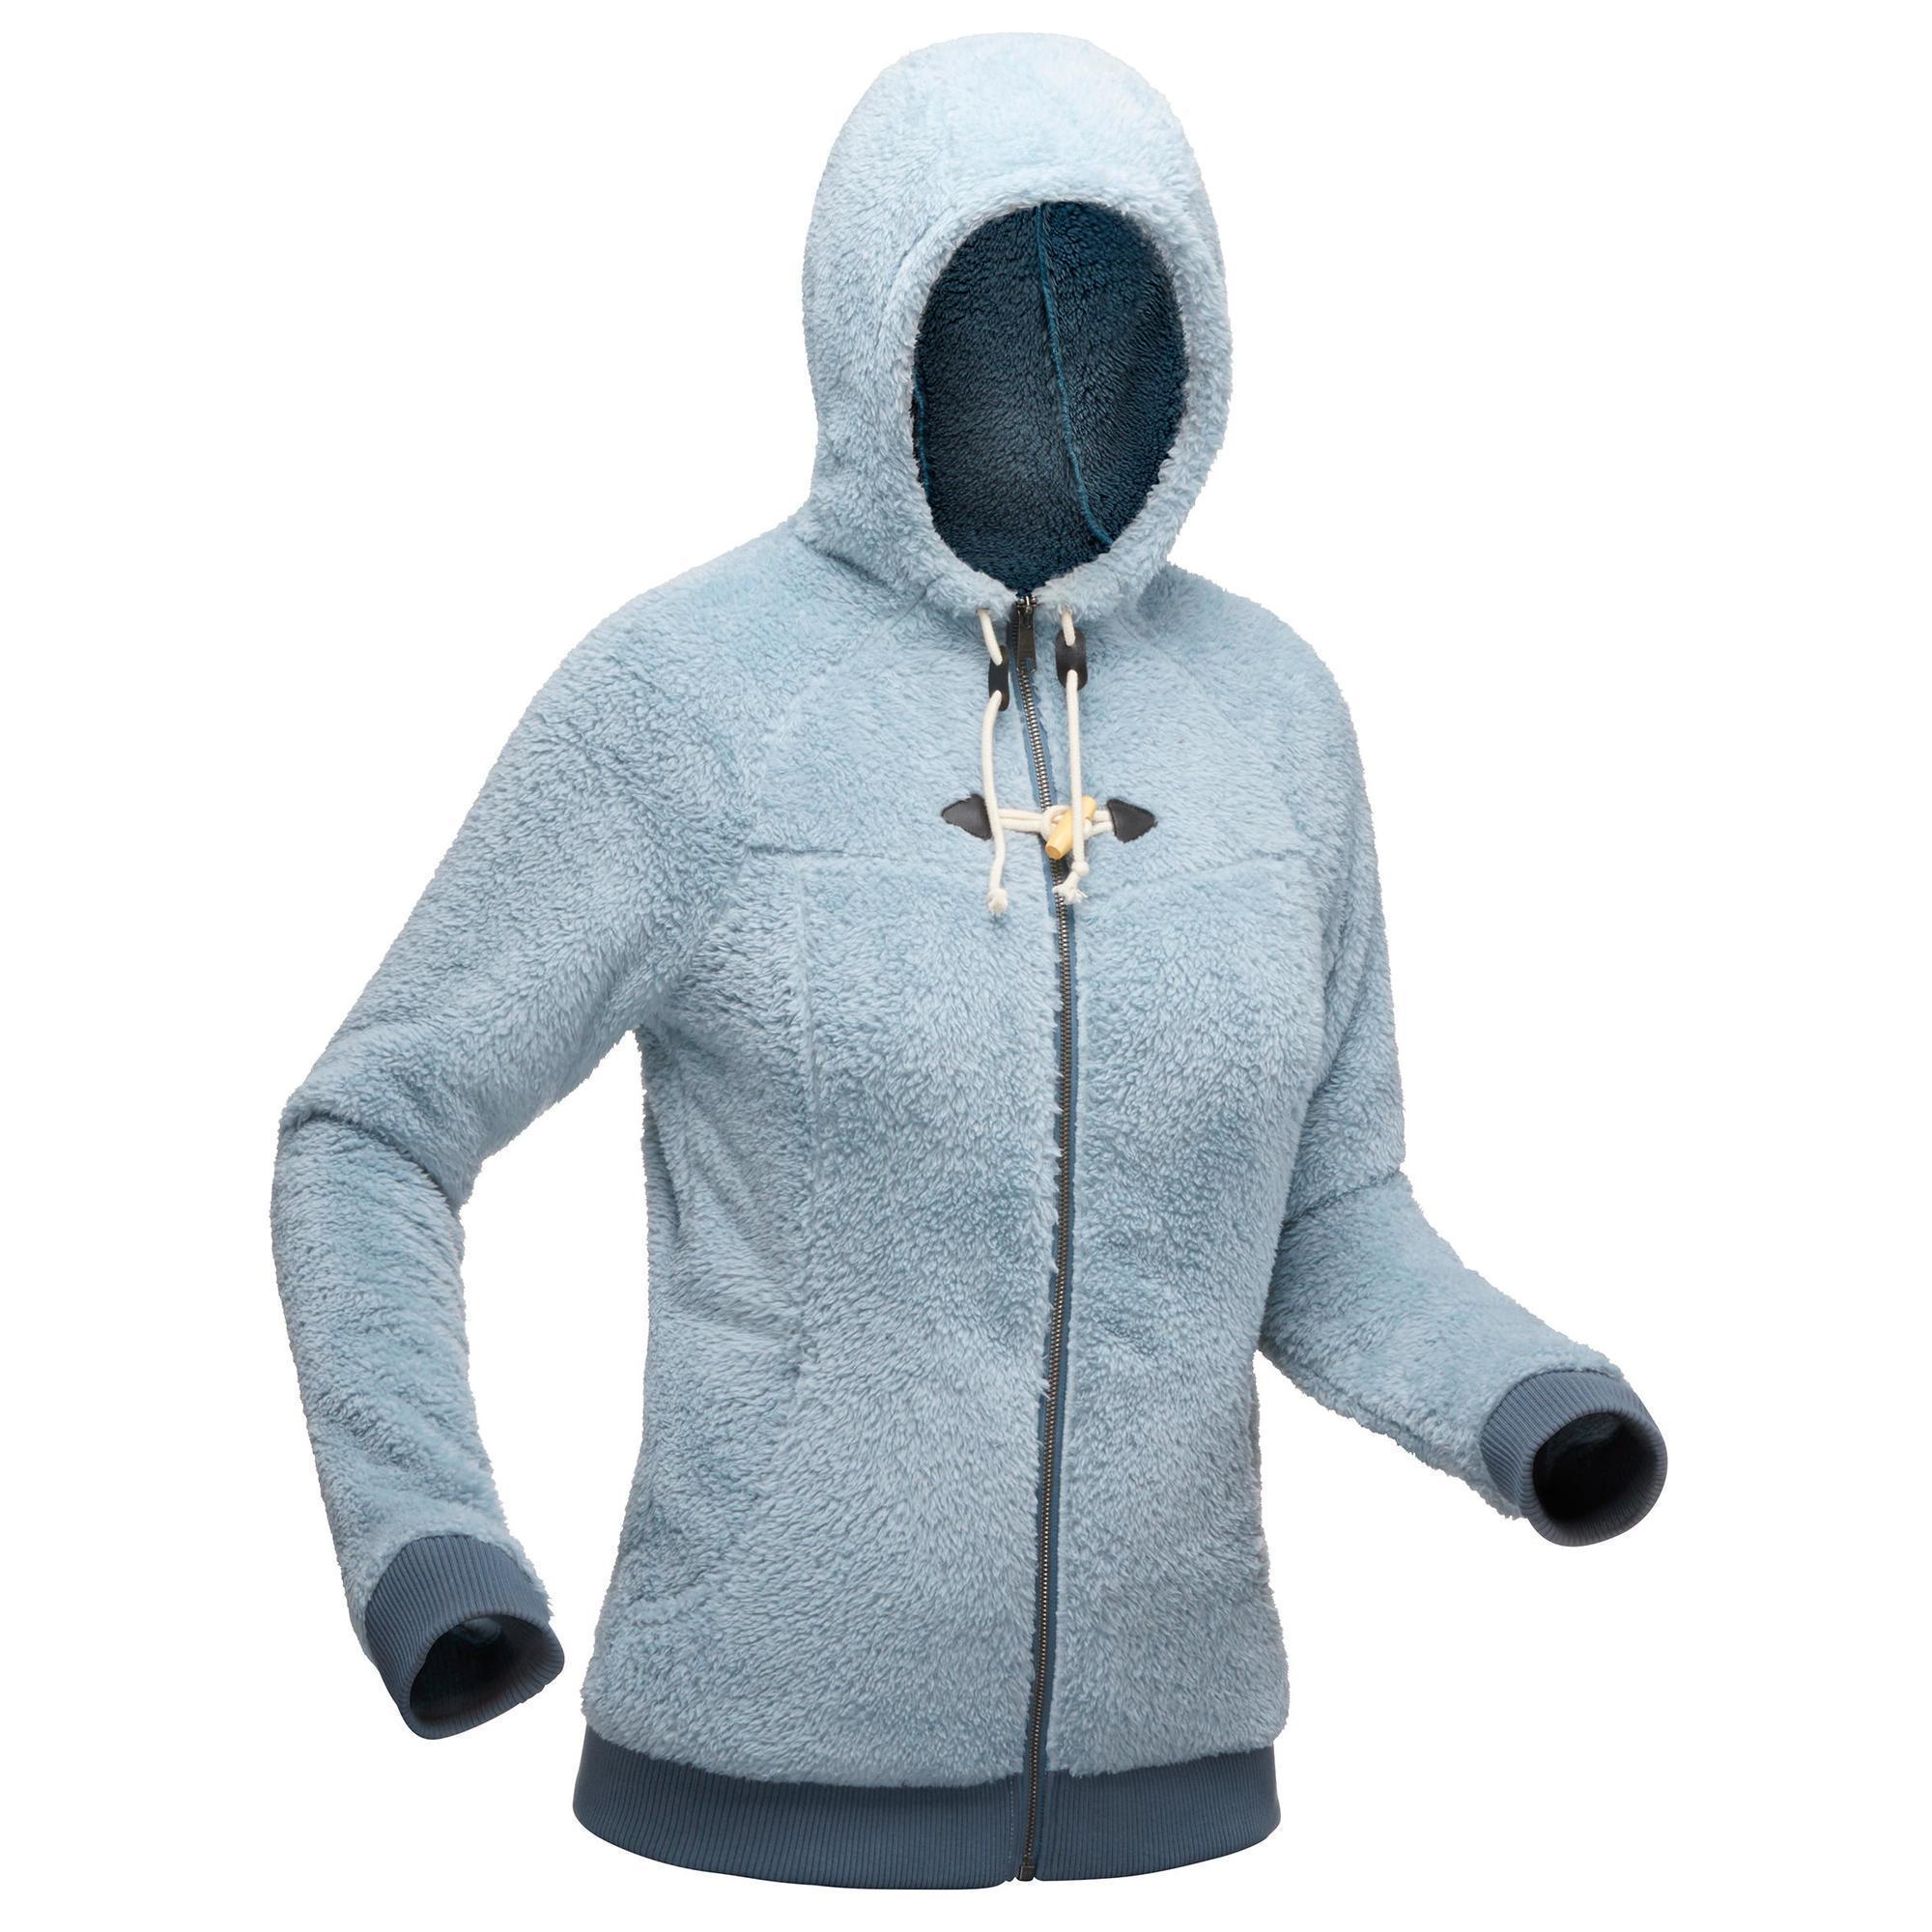 design de qualité a2c77 64d63 Randonnée neige - Veste polaire de randonnée neige femme SH100 ultra-warm  bleu-ice